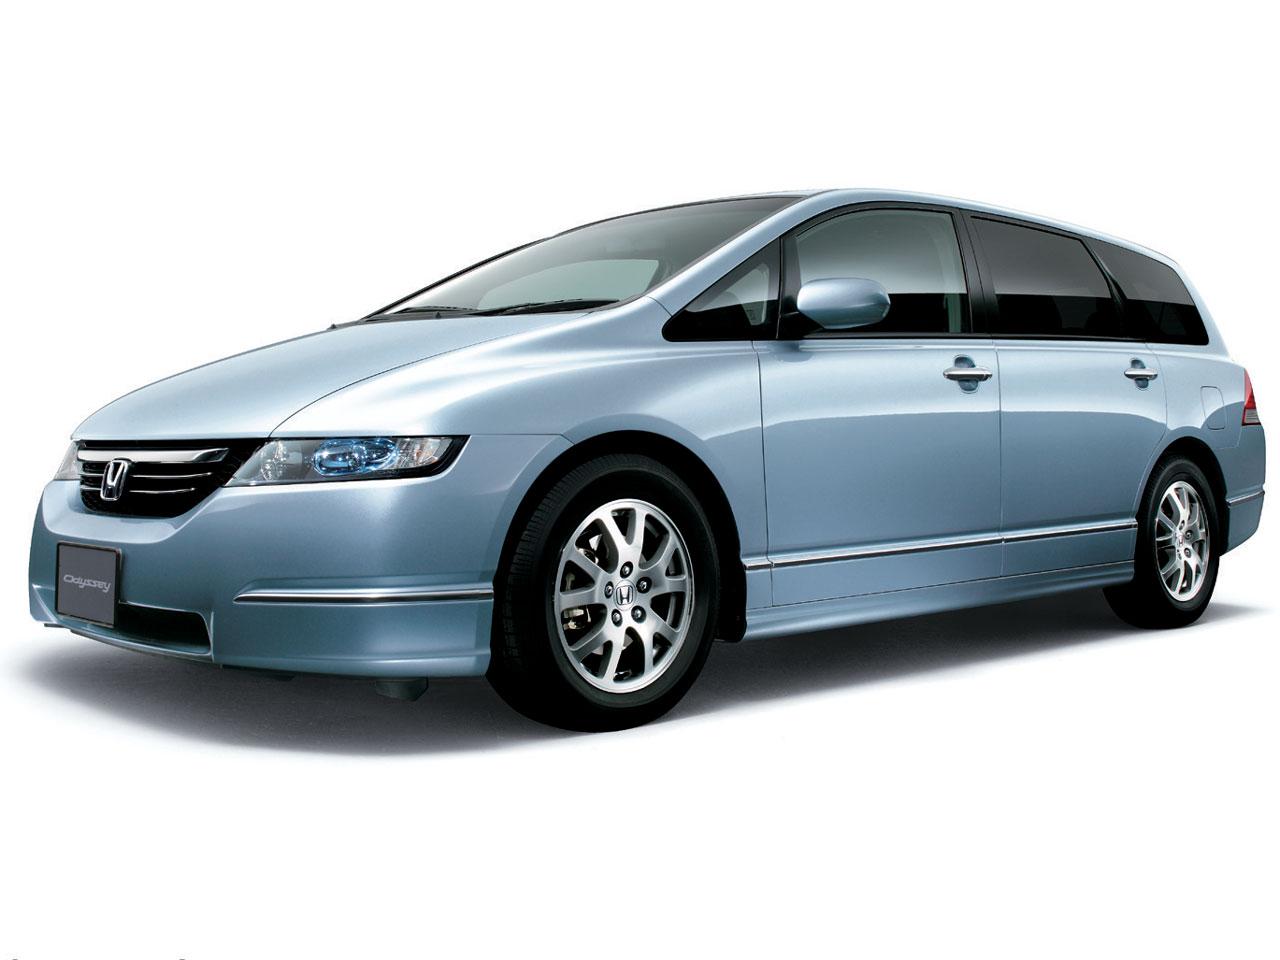 ホンダ オデッセイ 2003年モデル 新車画像